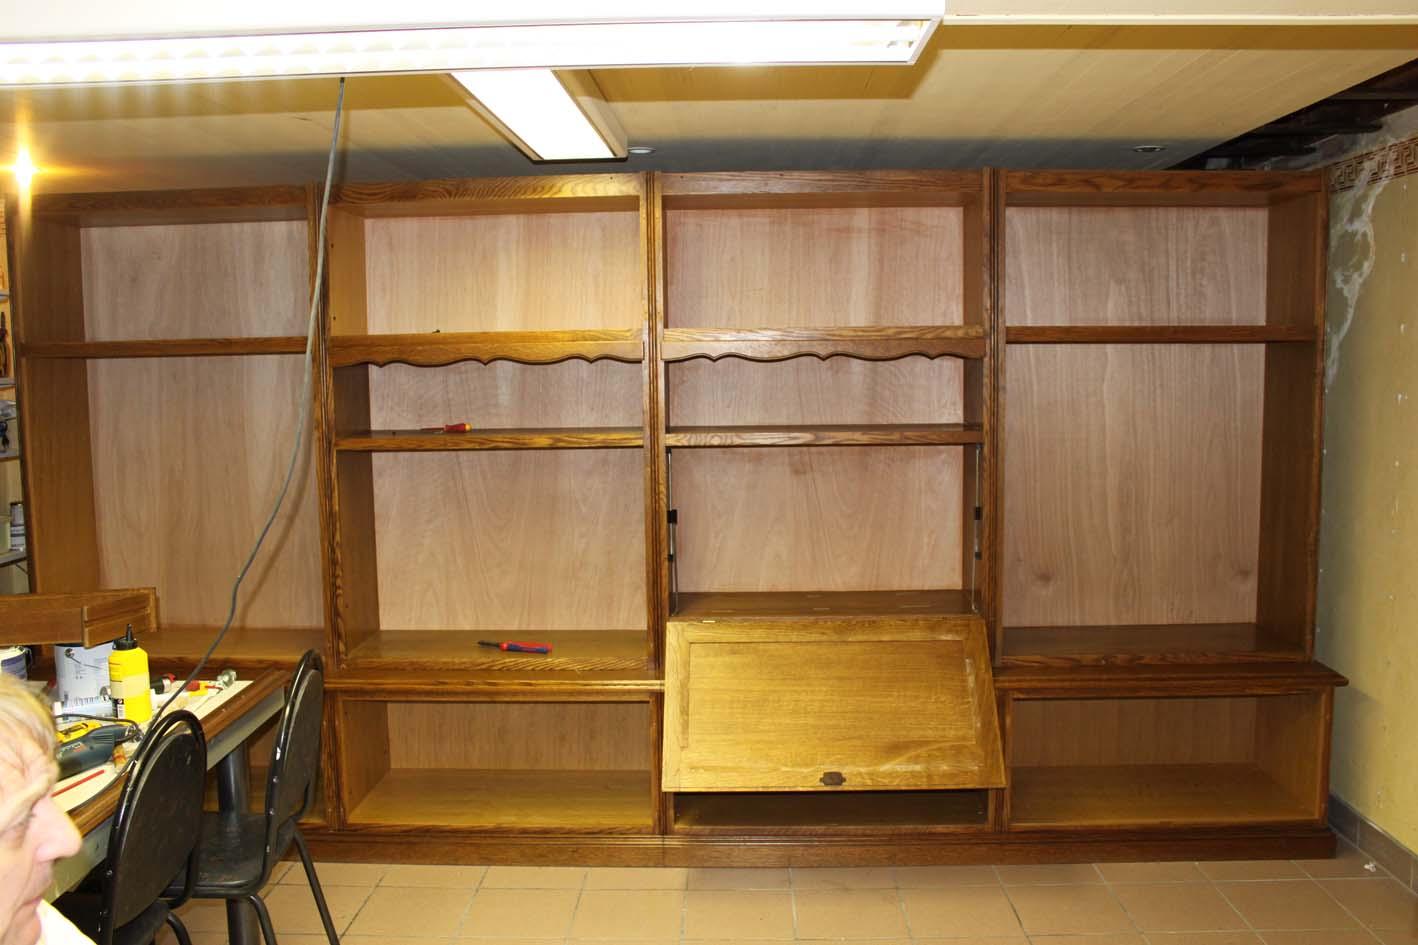 Grenen meubels schilderen vloer grenen houten vloer schilderen galerij fotos van - Fotos van woonkamer meubels ...